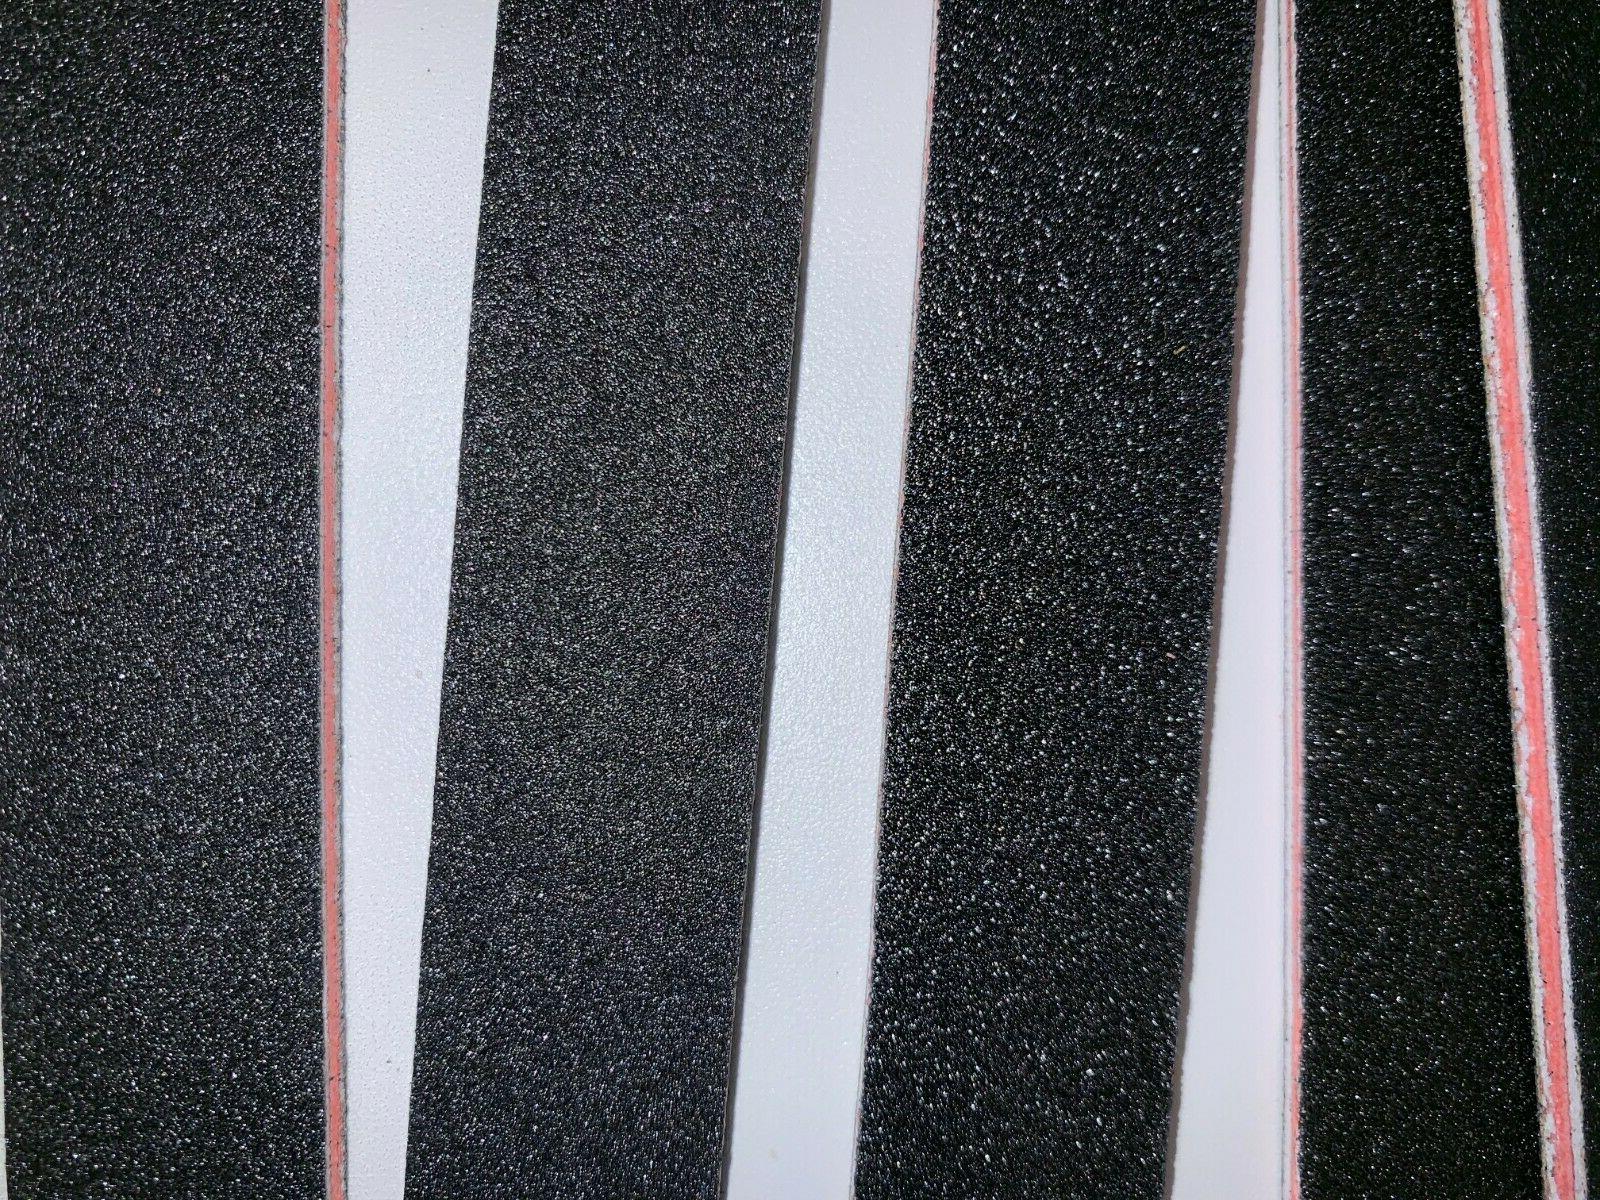 1 50 Pro Nail Boards Buffers #100